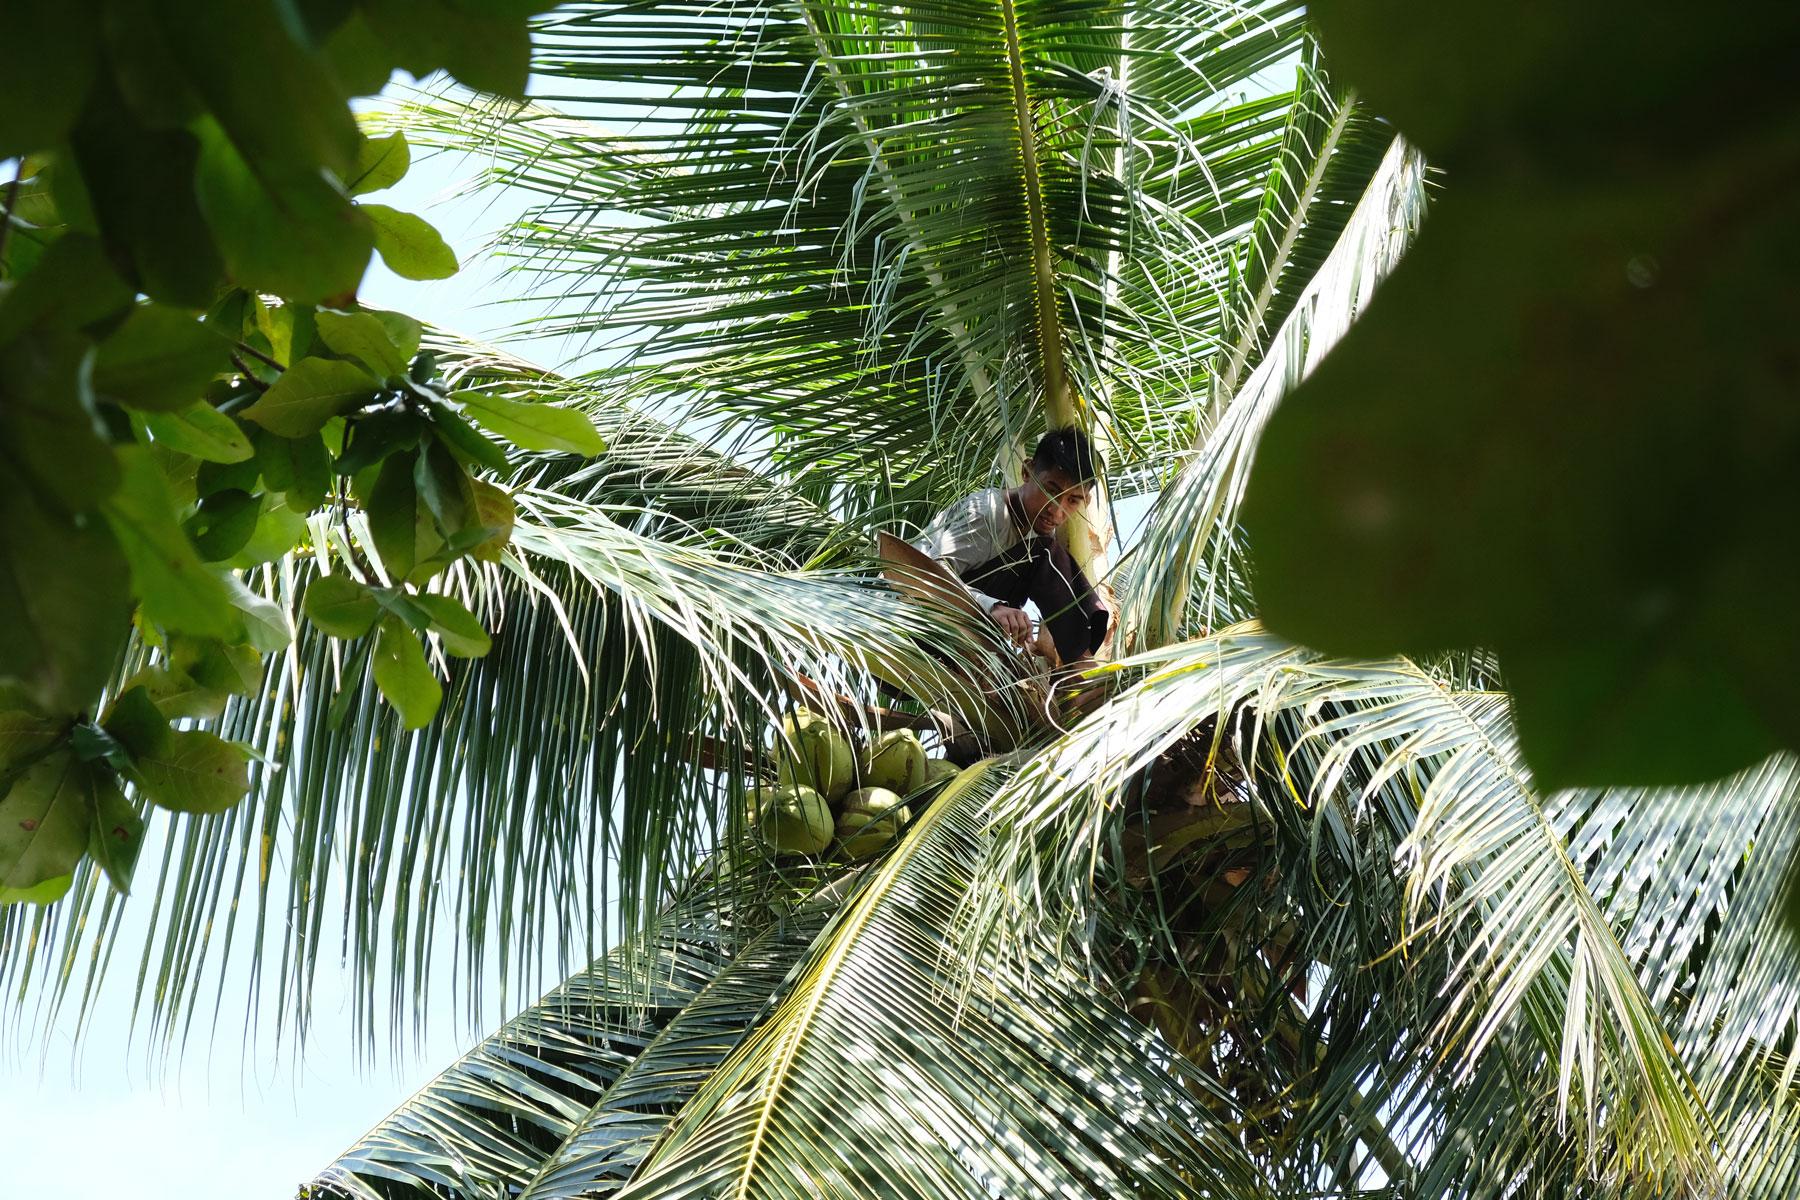 Ein Mann sitzt hoch oben auf einer Palme und erntet Kokosnüsse